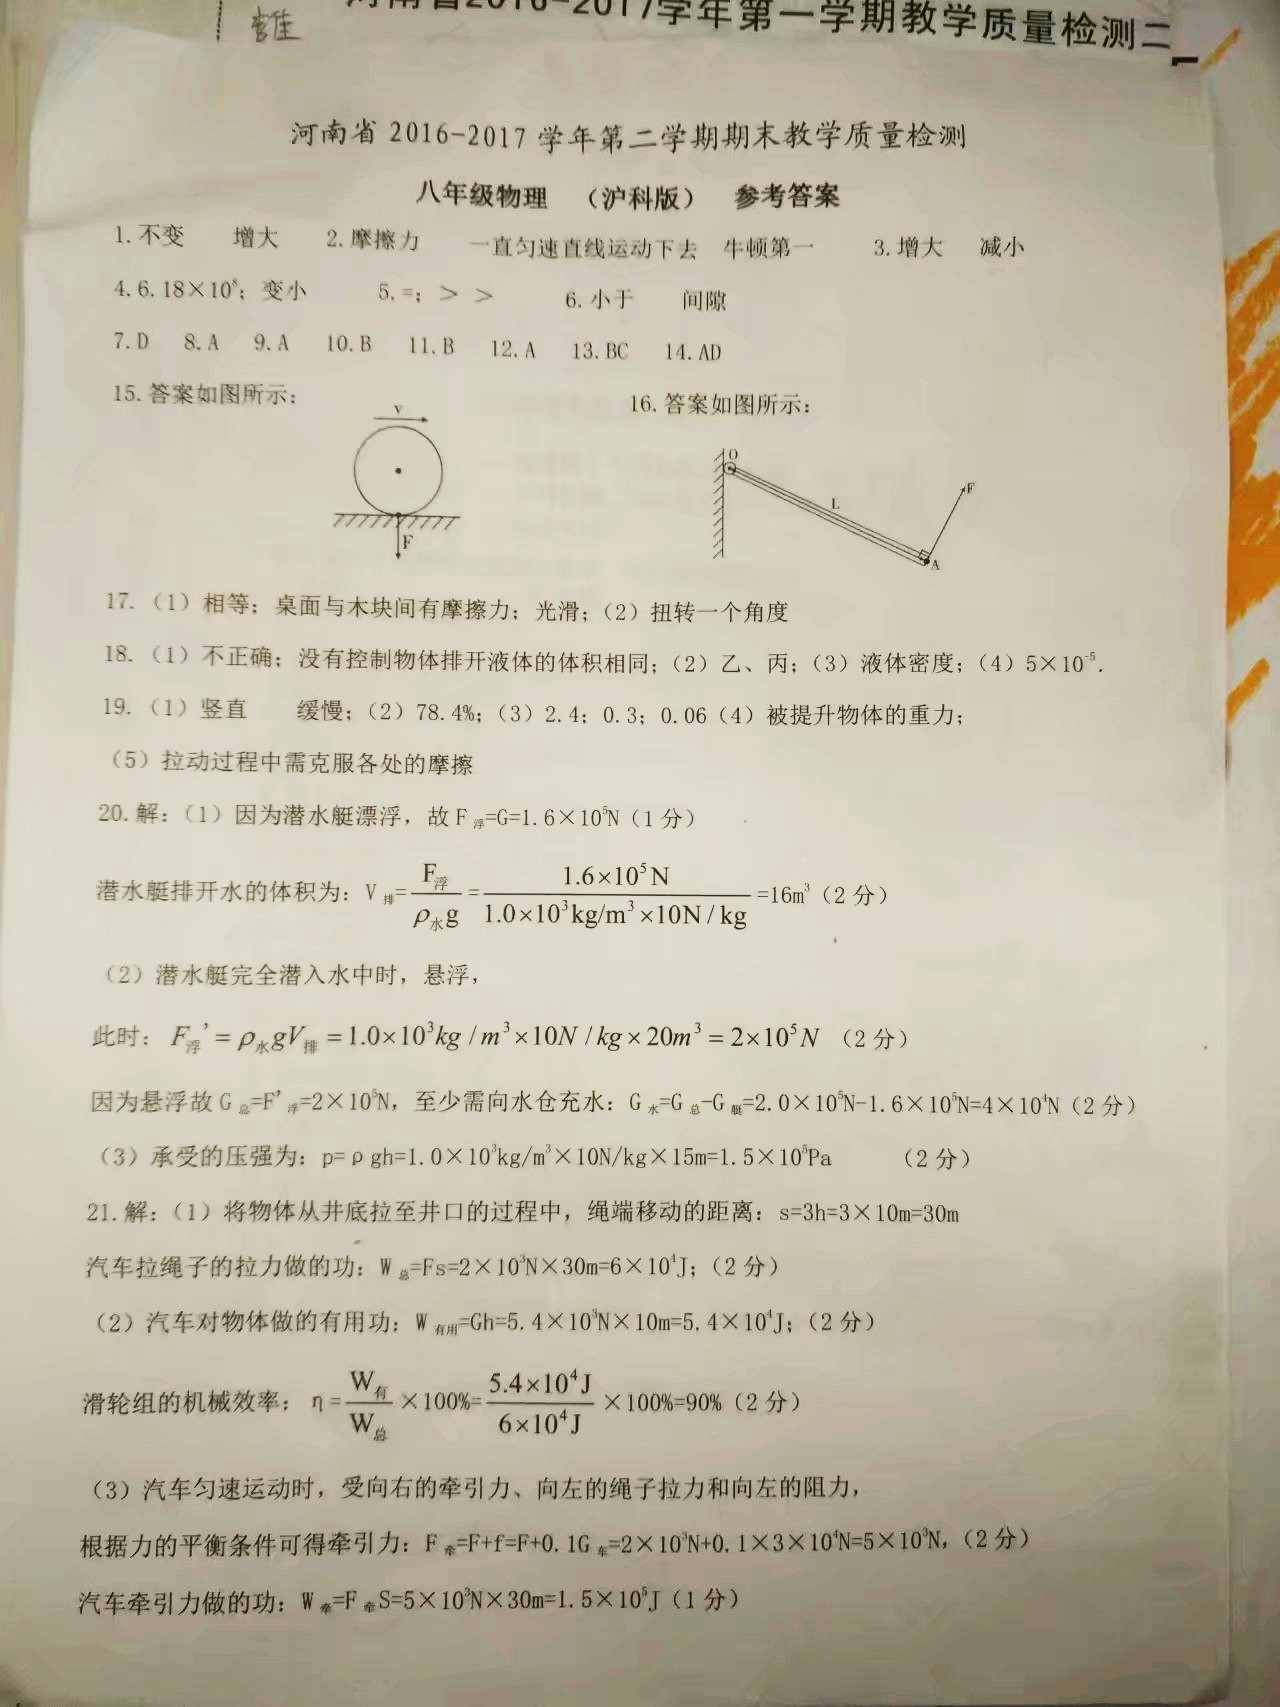 2017河南八年级下期末教学质量检测物理试题答案(图片版)